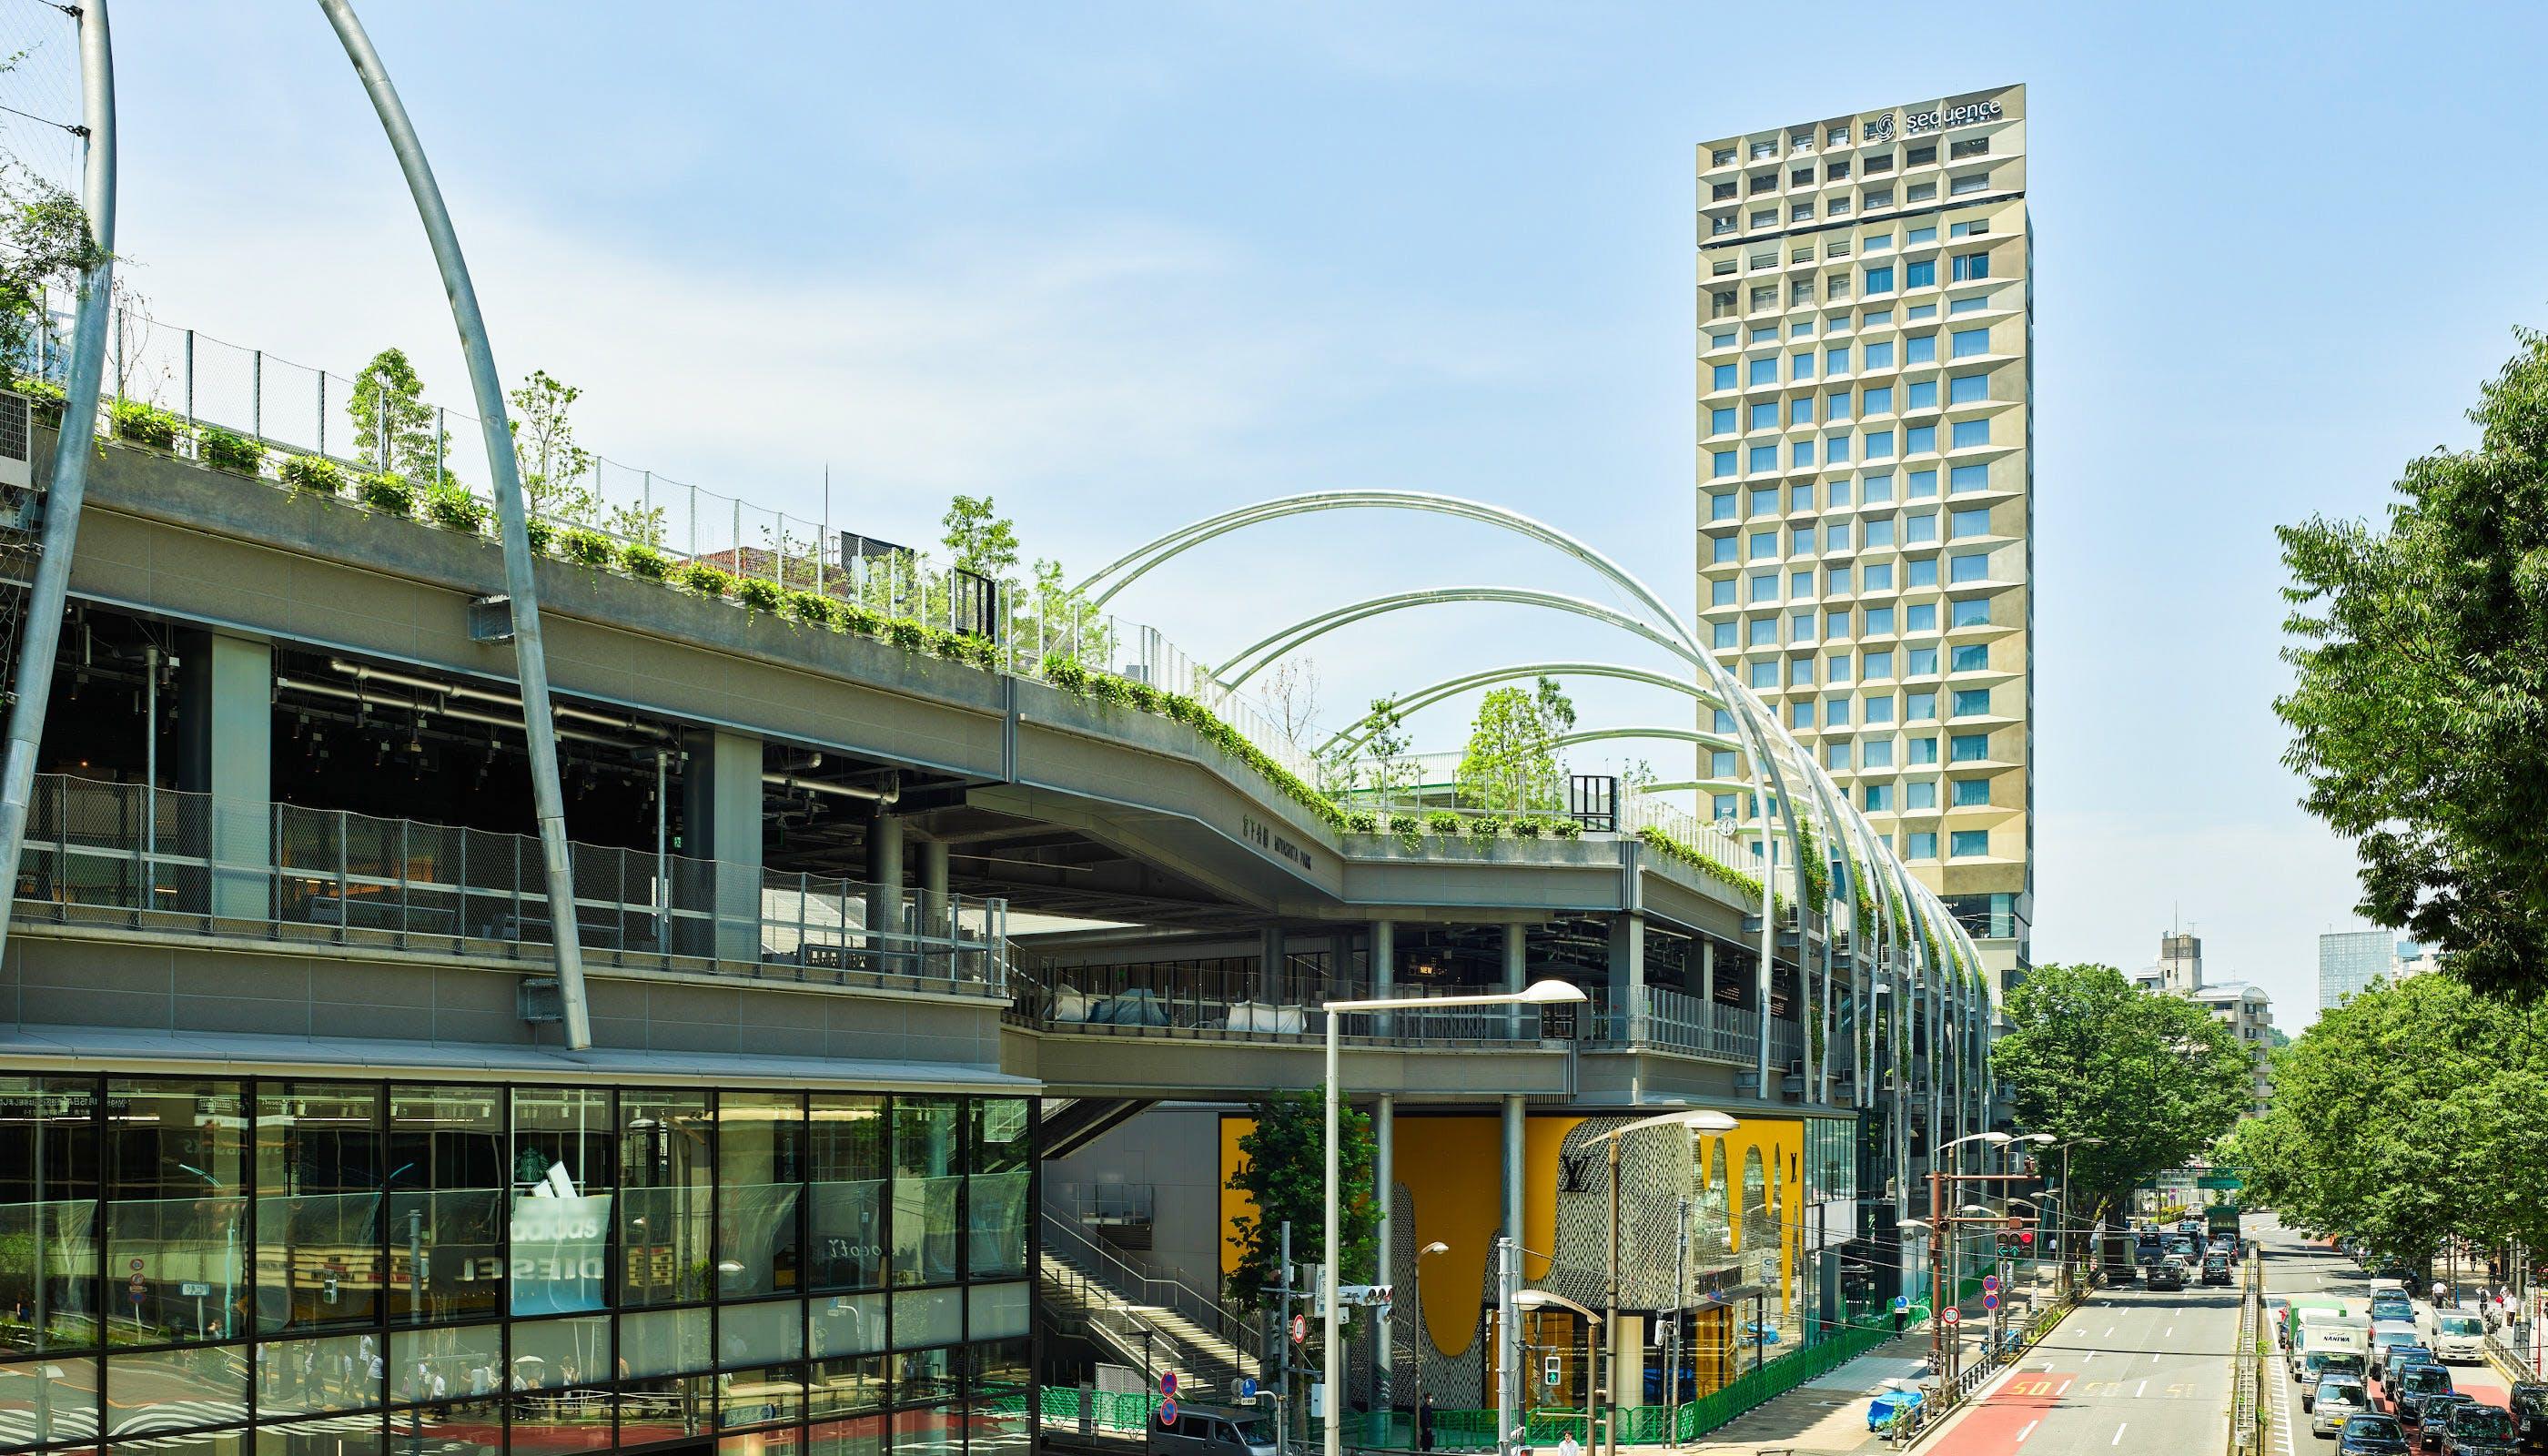 2020年、話題のニュースポットに誕生した東京都内の最新ホテル6選